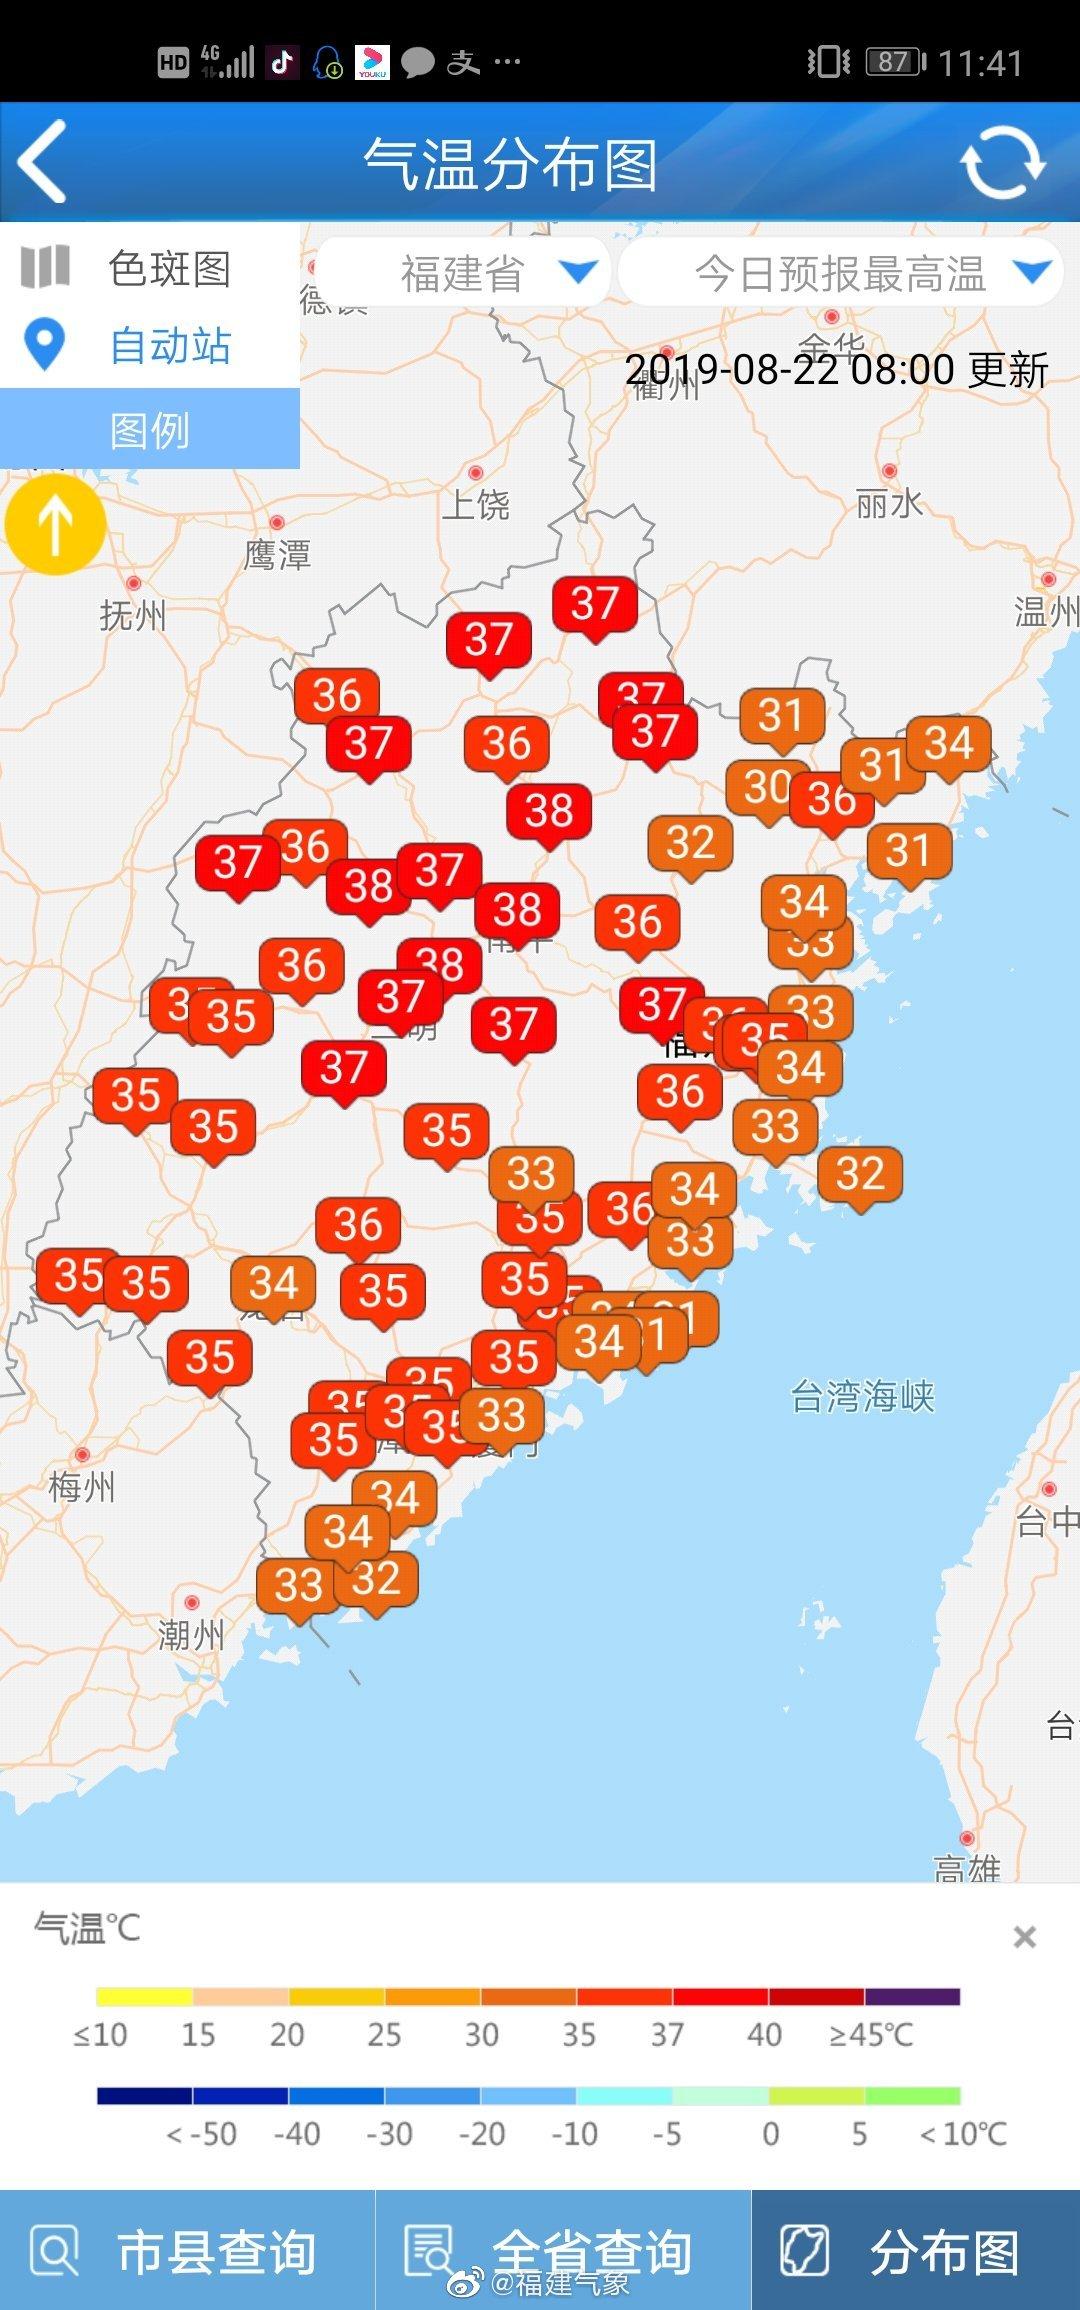 福州局地氣溫超38℃!周末臺風會來福州嗎?會降溫嗎?